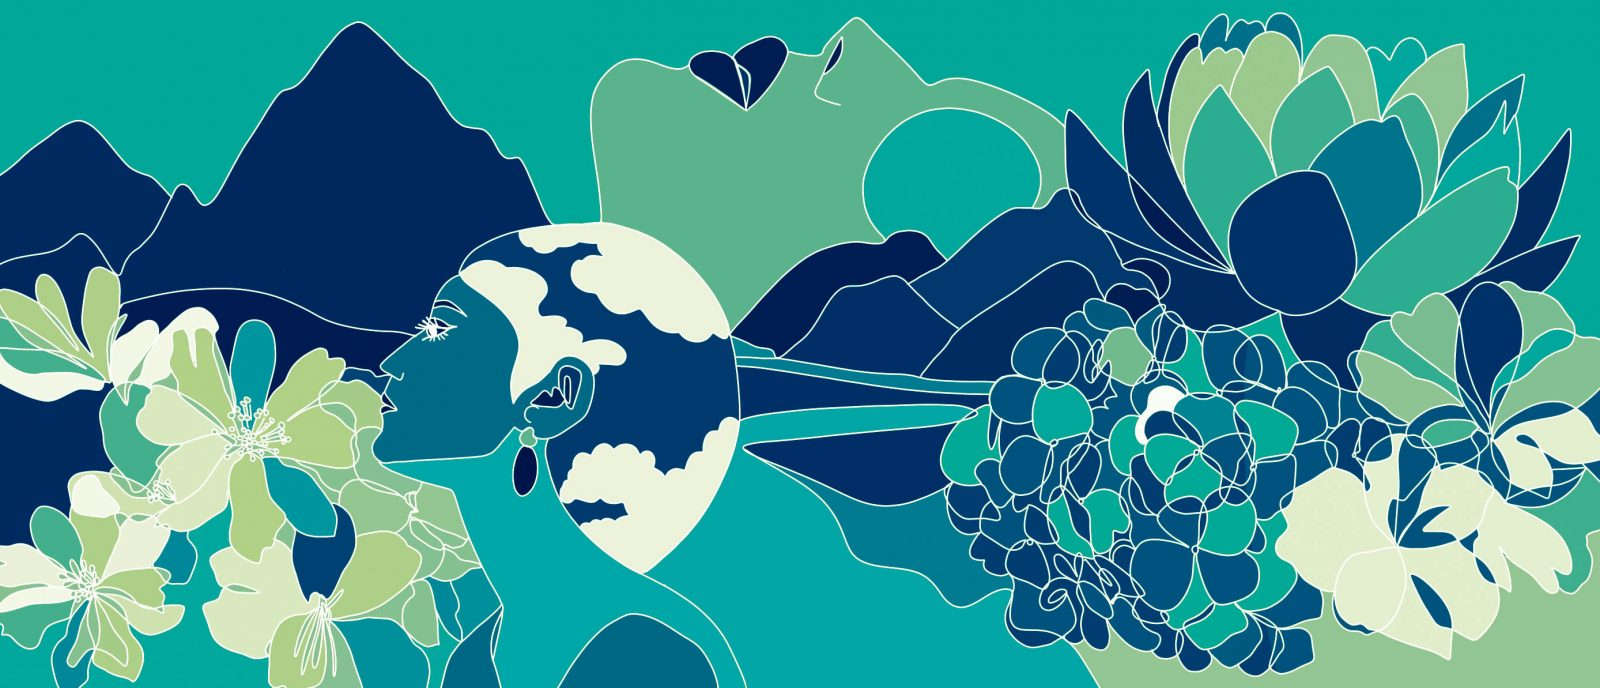 天星「地球」イメージ